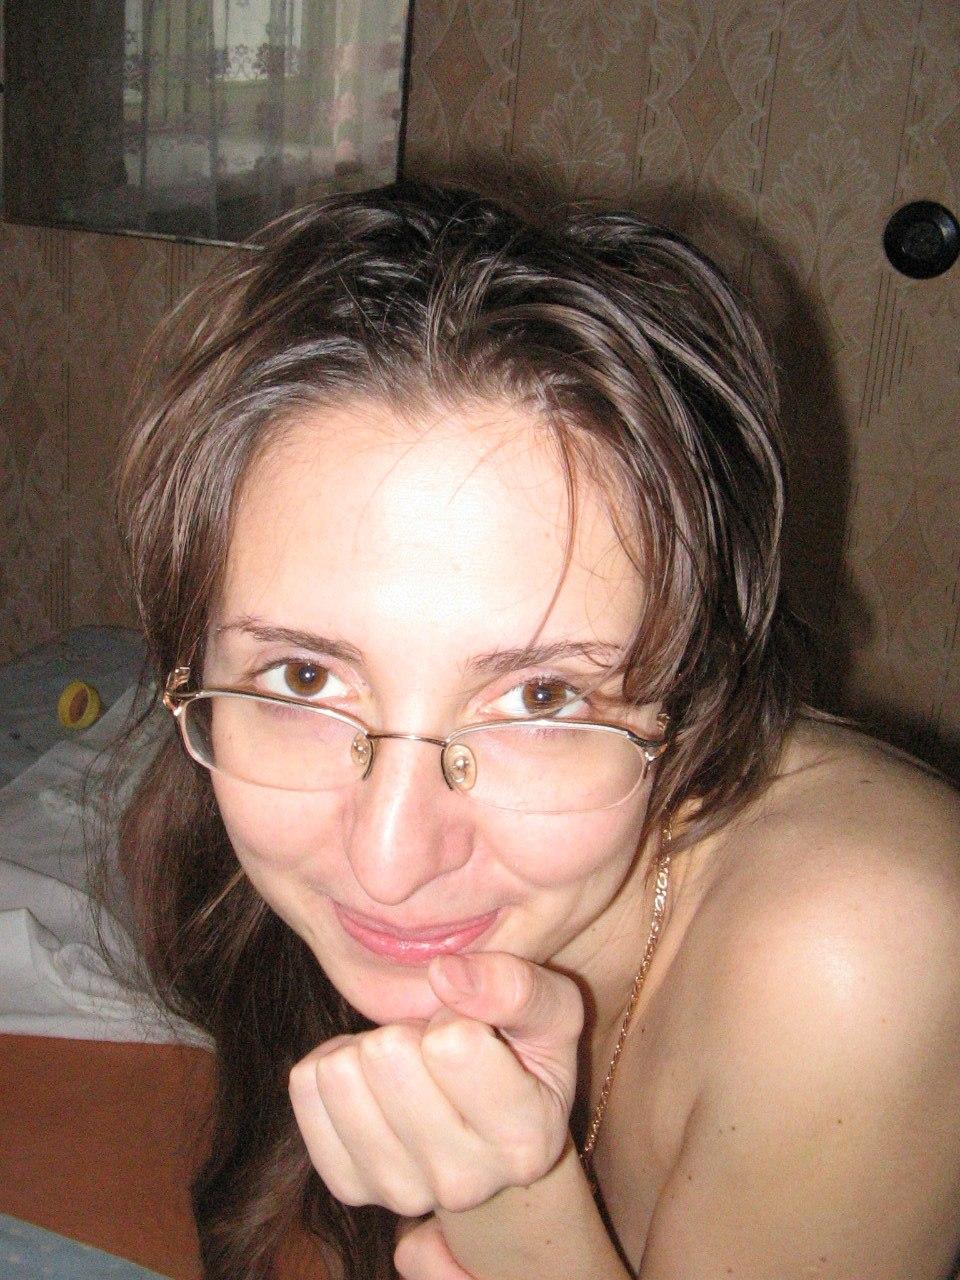 Девушка в черных чулках позирует на кровати